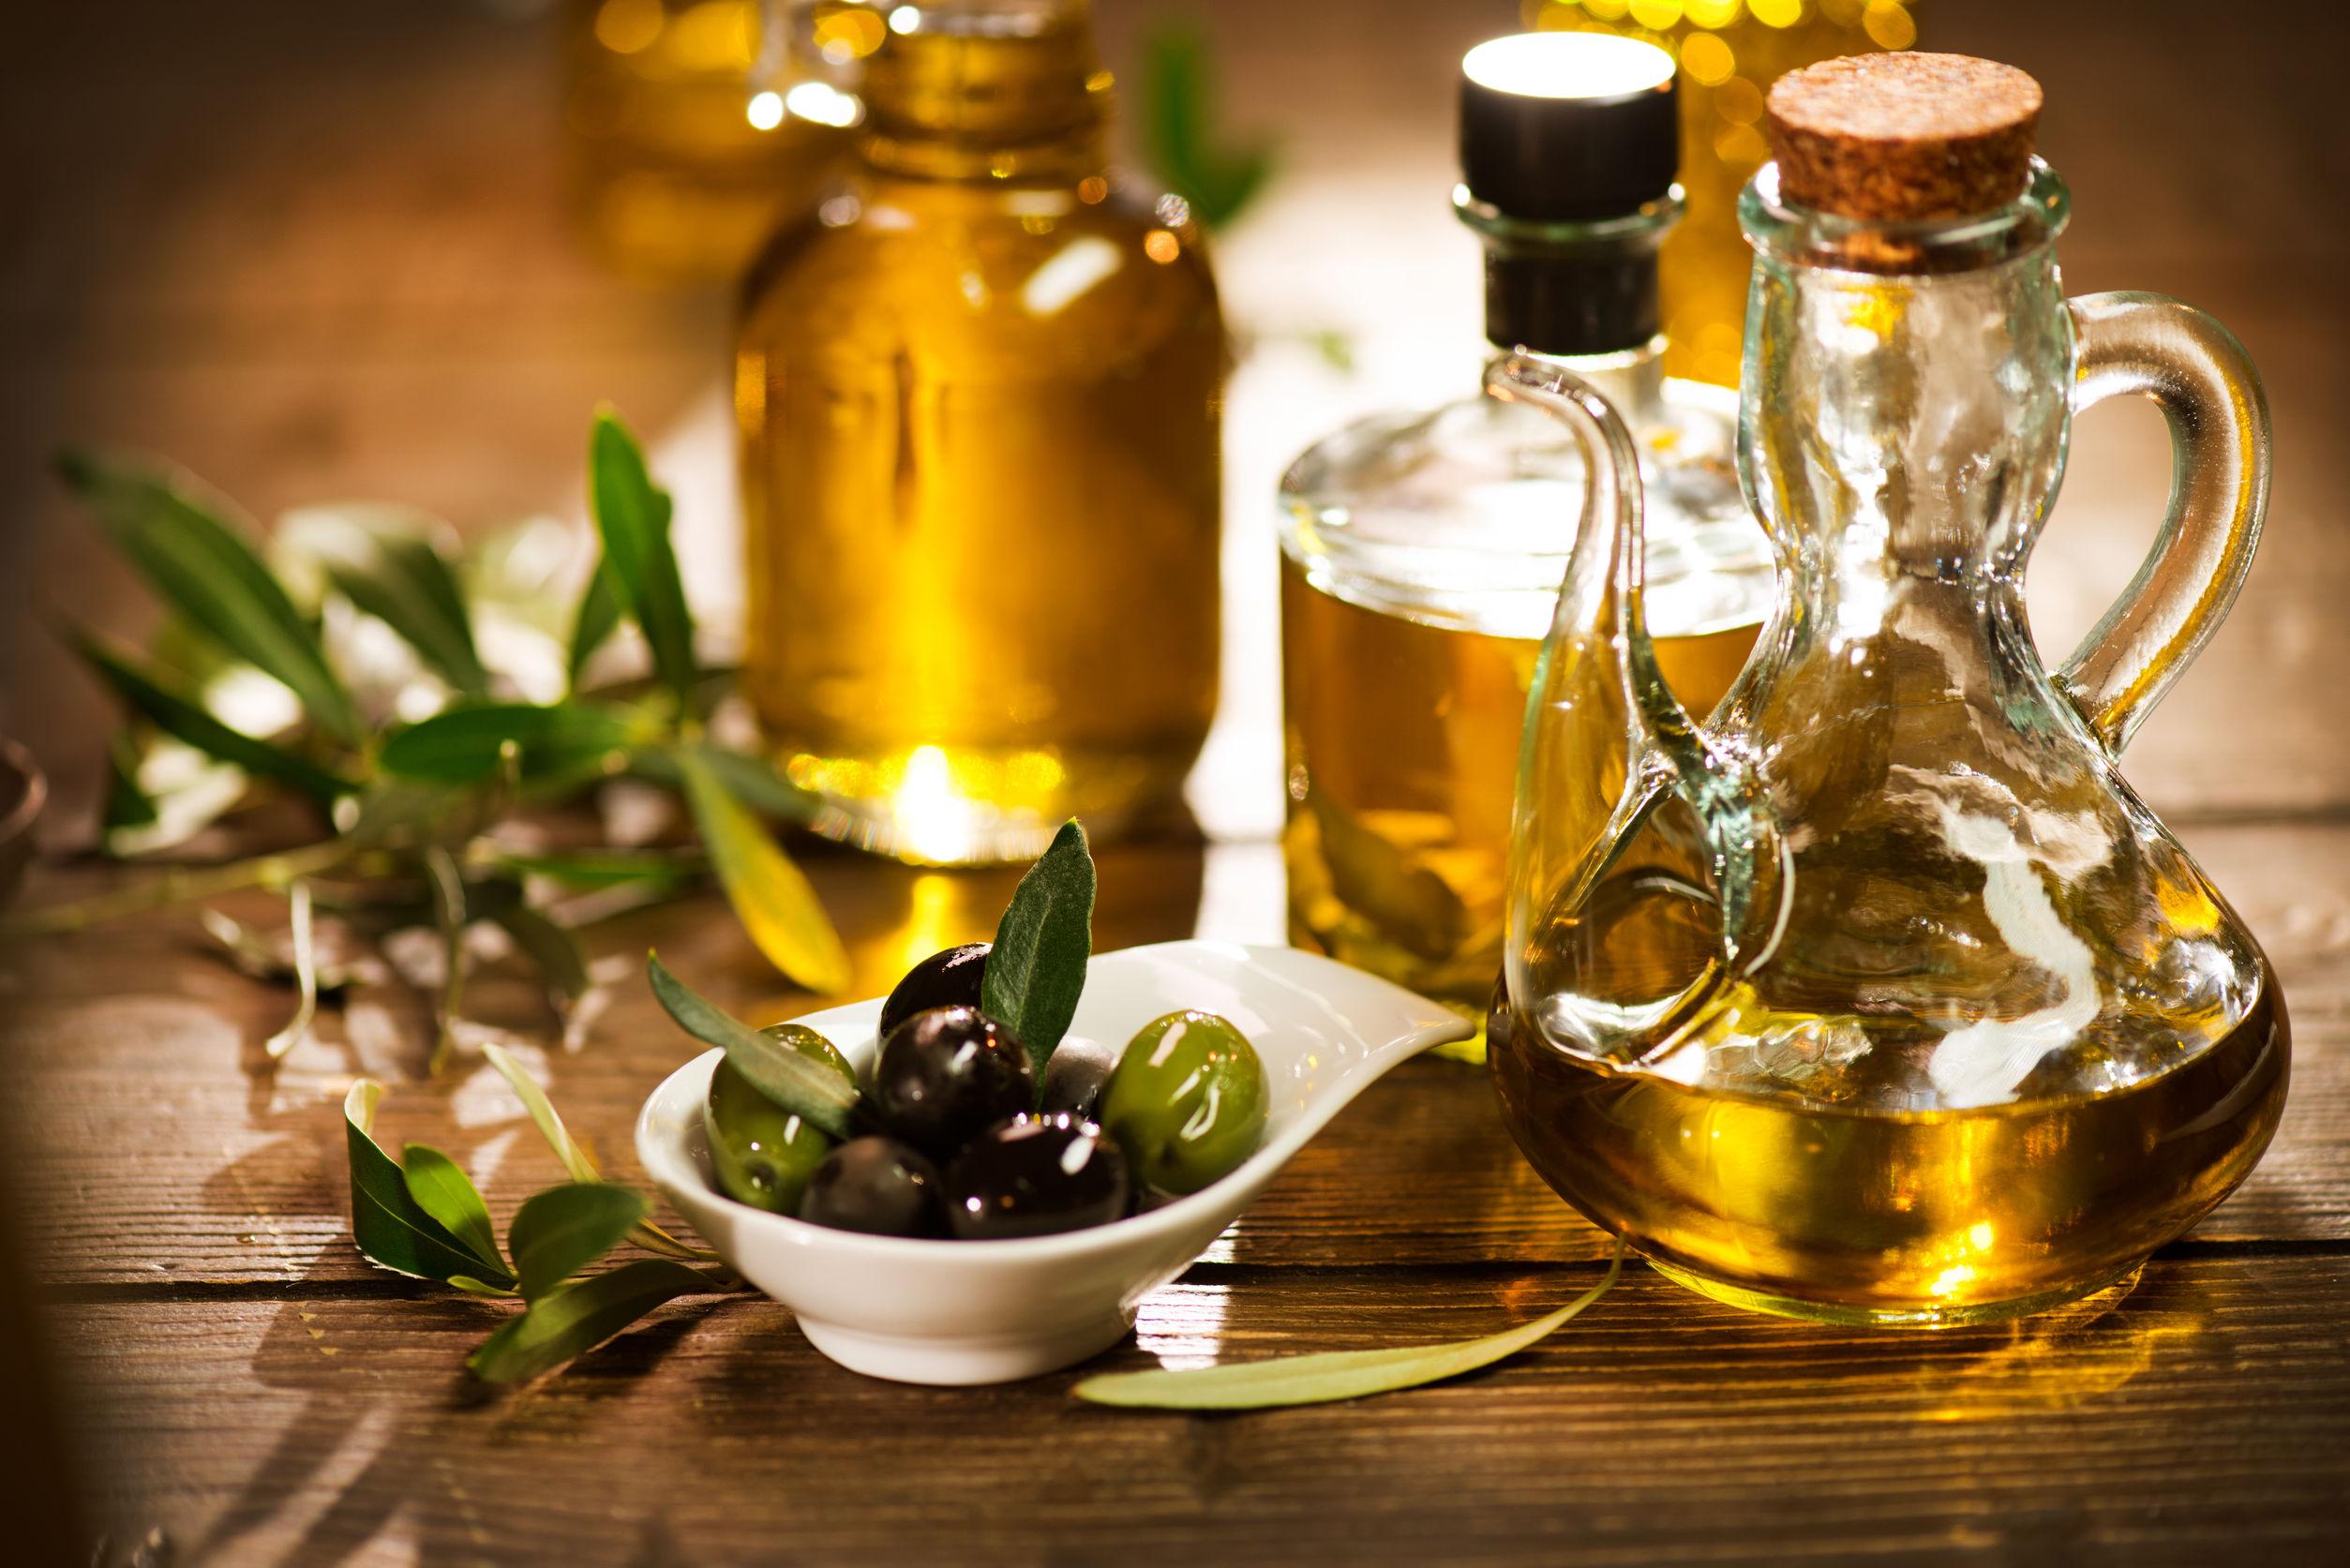 O azeite deve ser a fonte primária de gordura na sua dieta. Saiba porquê